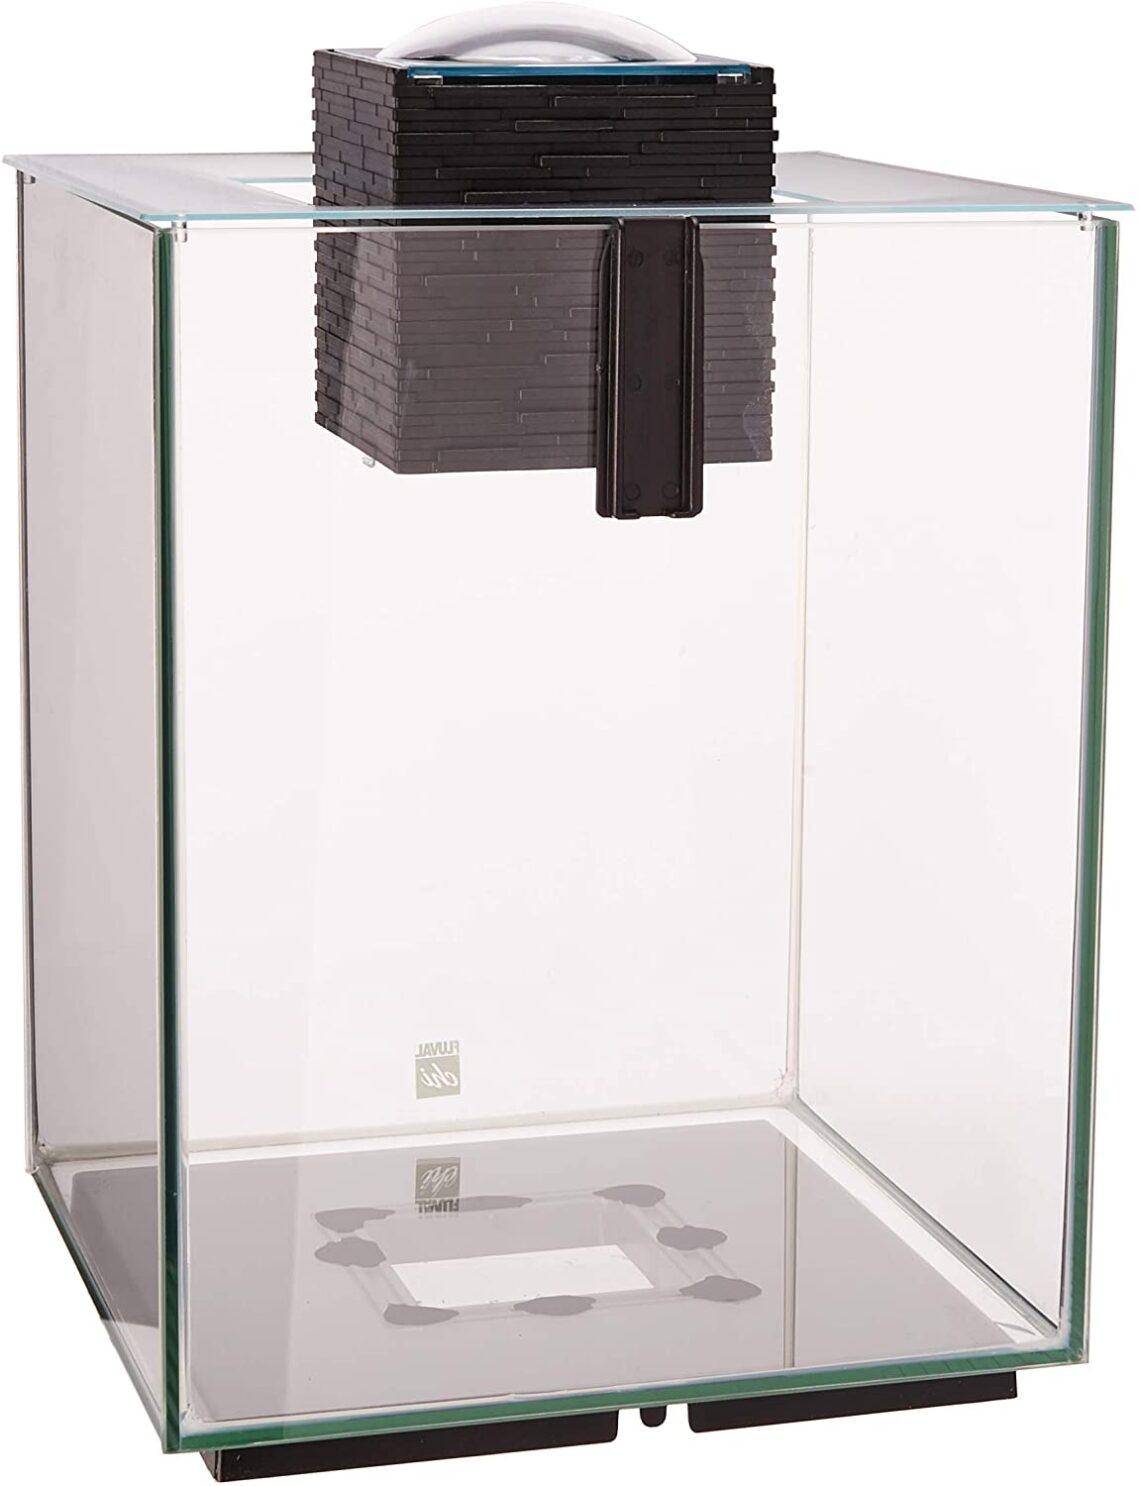 fluval-chi-ii-aquarium-set-5-gallon-2